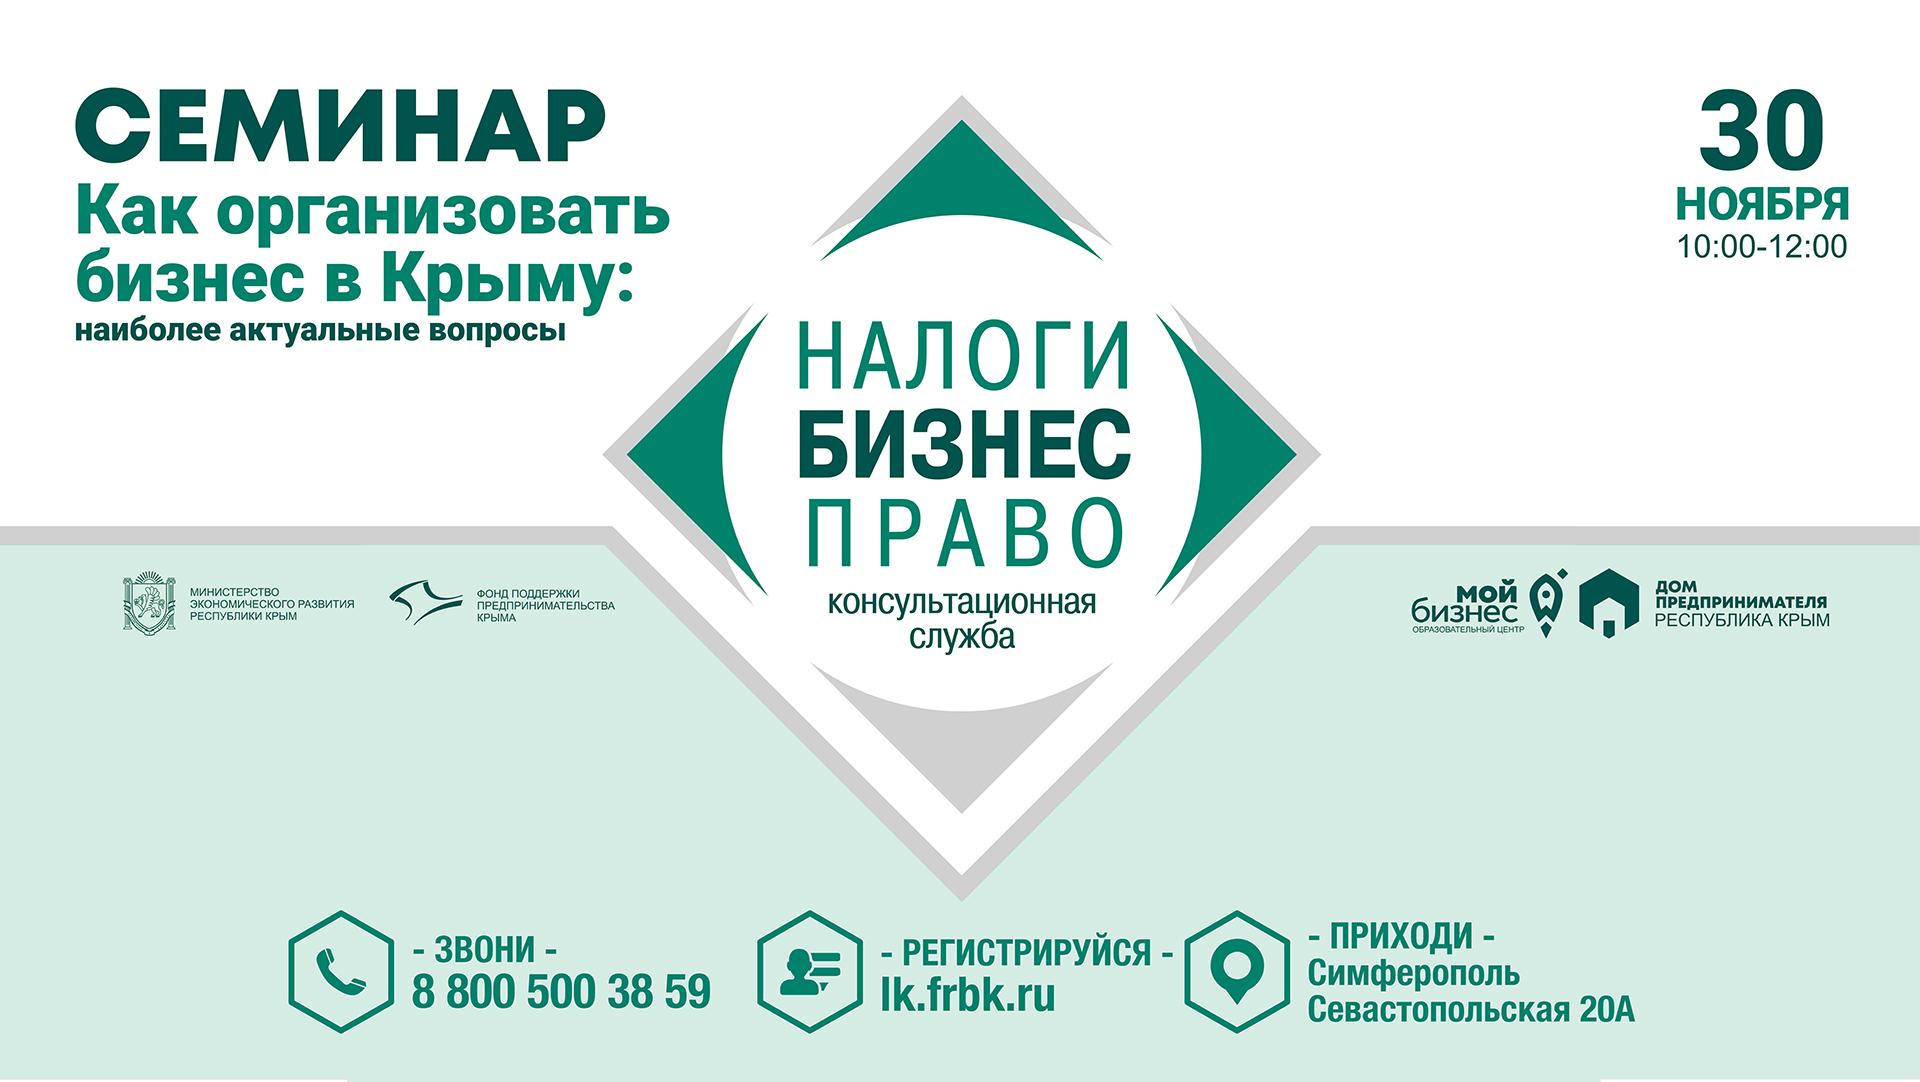 Как открыть бизнес в Крыму